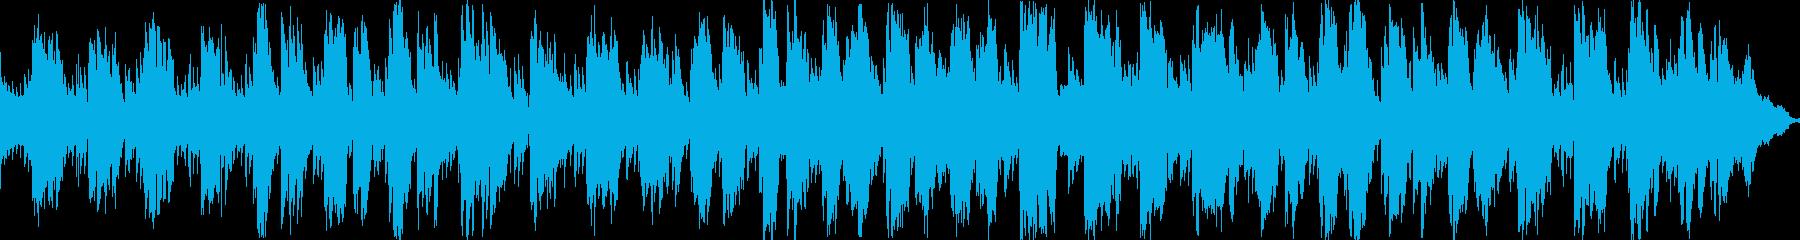 女性ヴォーカル、アコースティックギ...の再生済みの波形